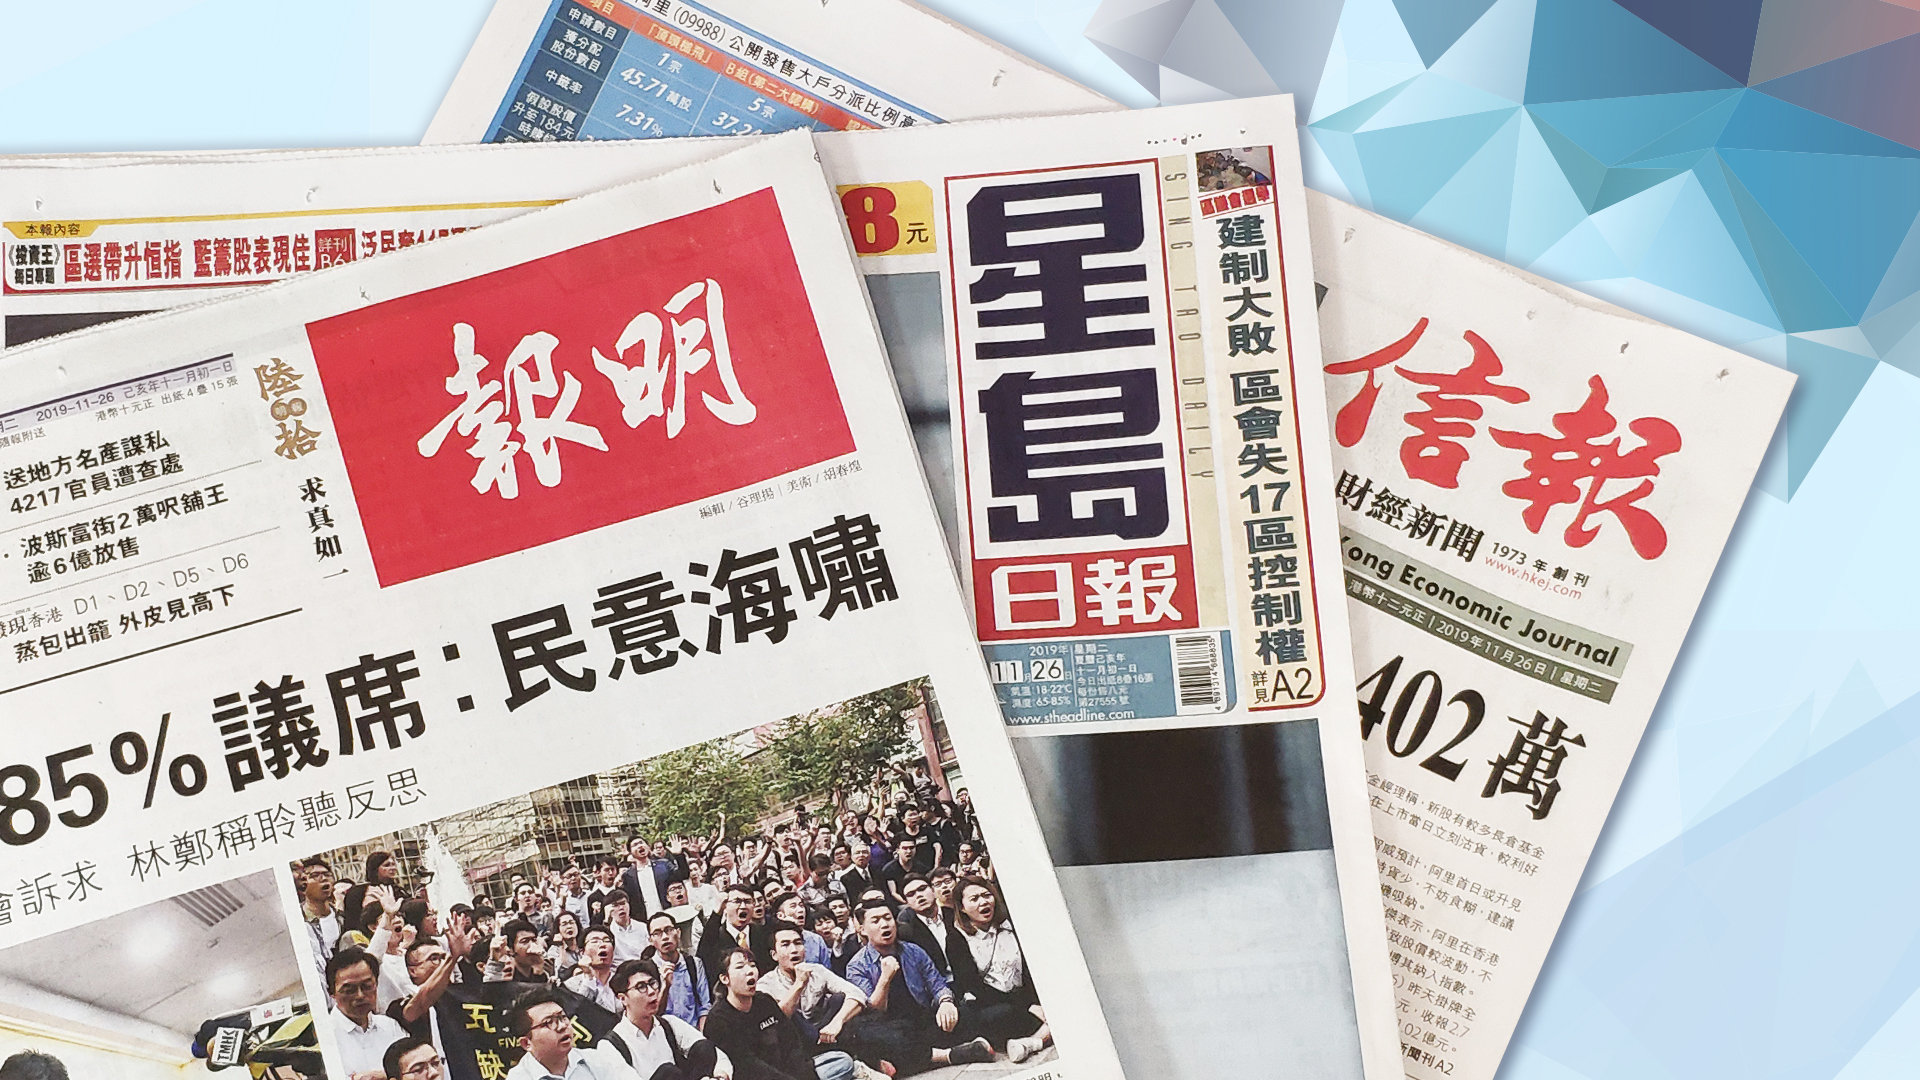 【報章A1速覽】泛民贏85%議席:民意海嘯;建制大敗 民建聯鞠躬道歉